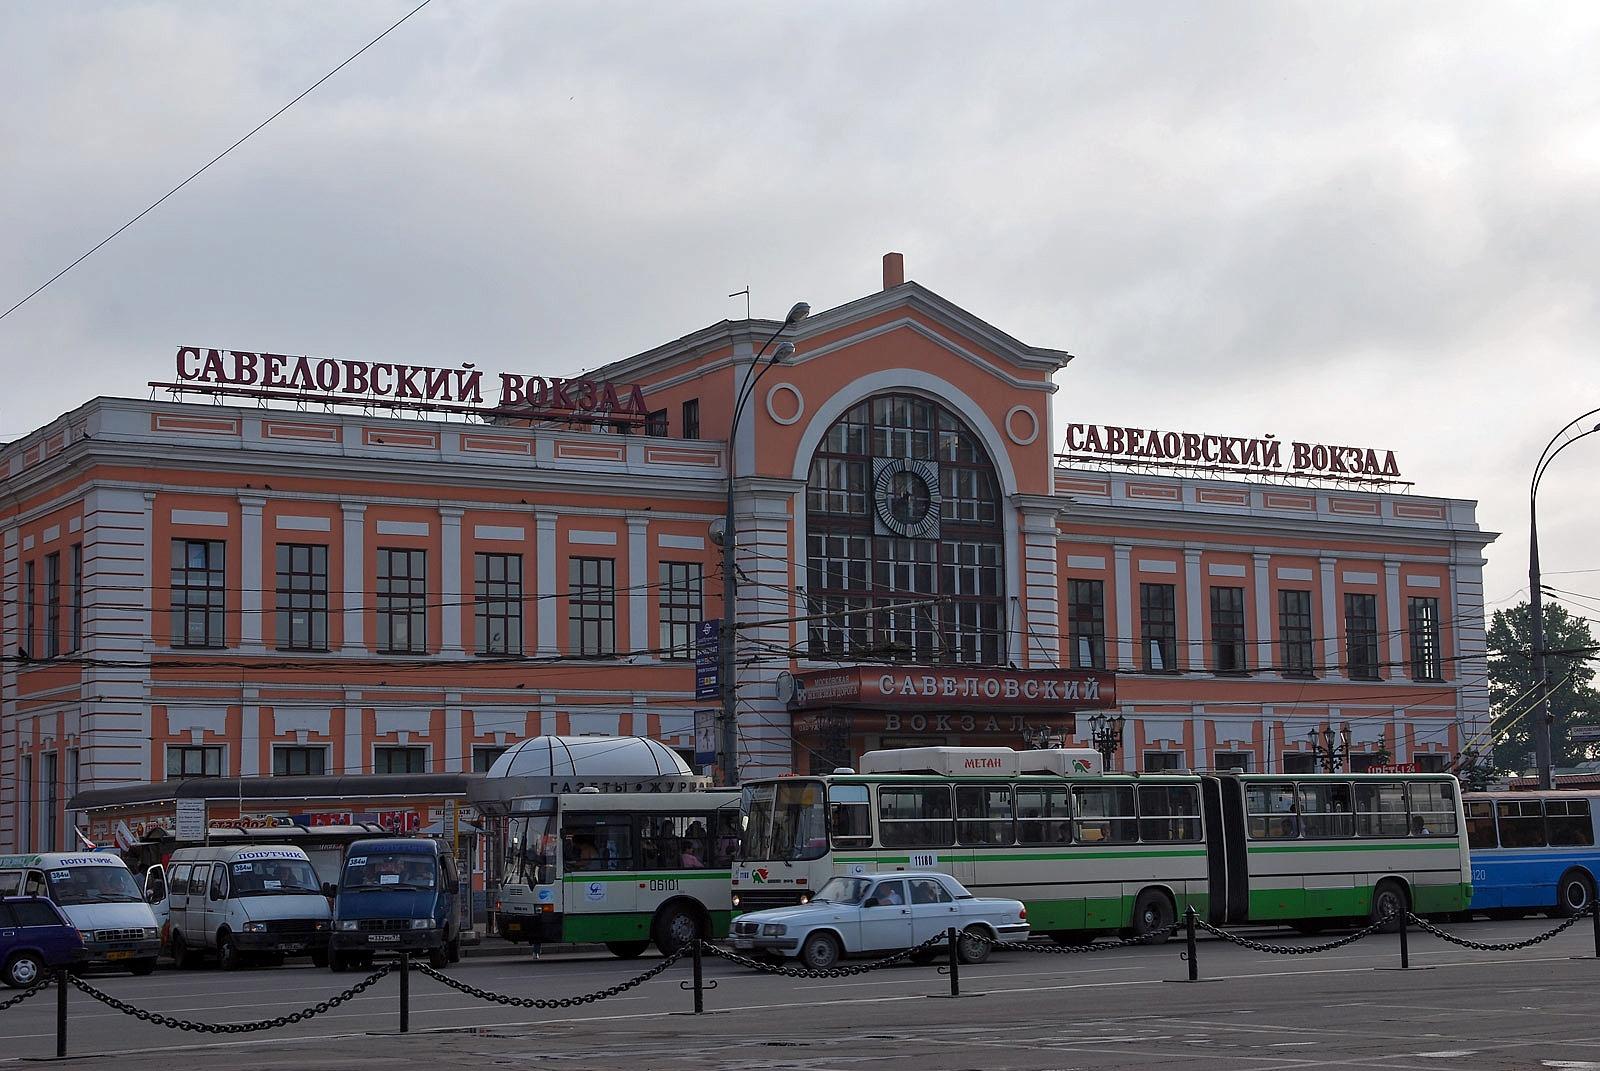 такси савеловский вокзал